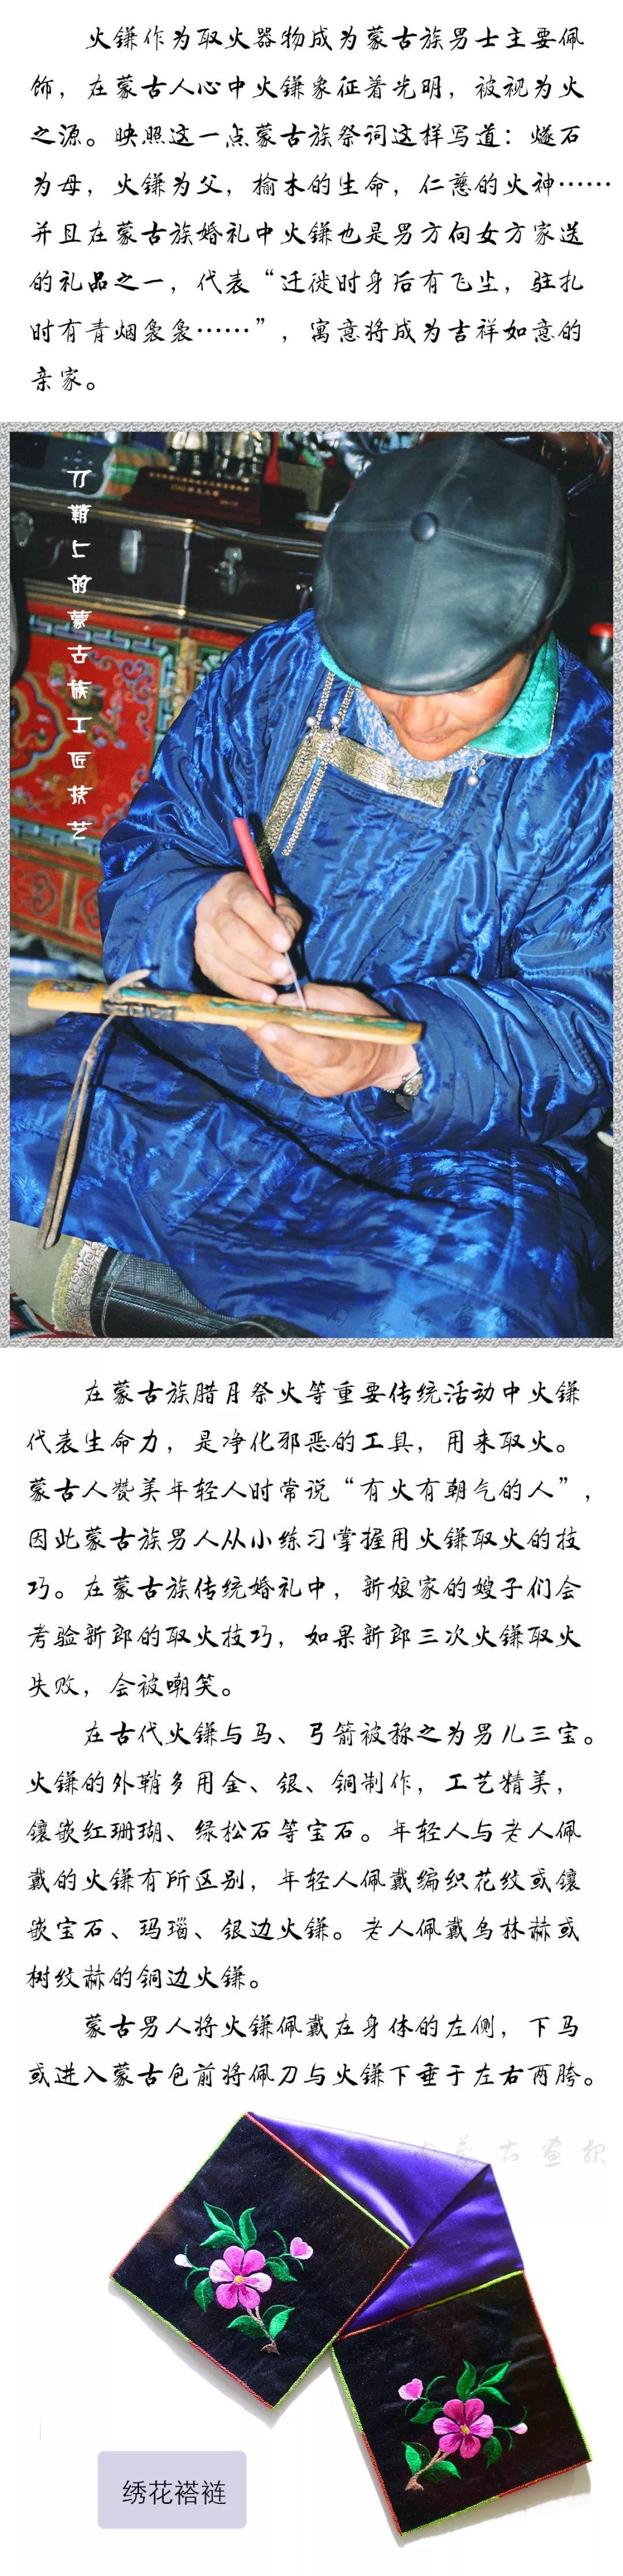 装点世界的蒙古族传统佩饰 | 男士篇 第10张